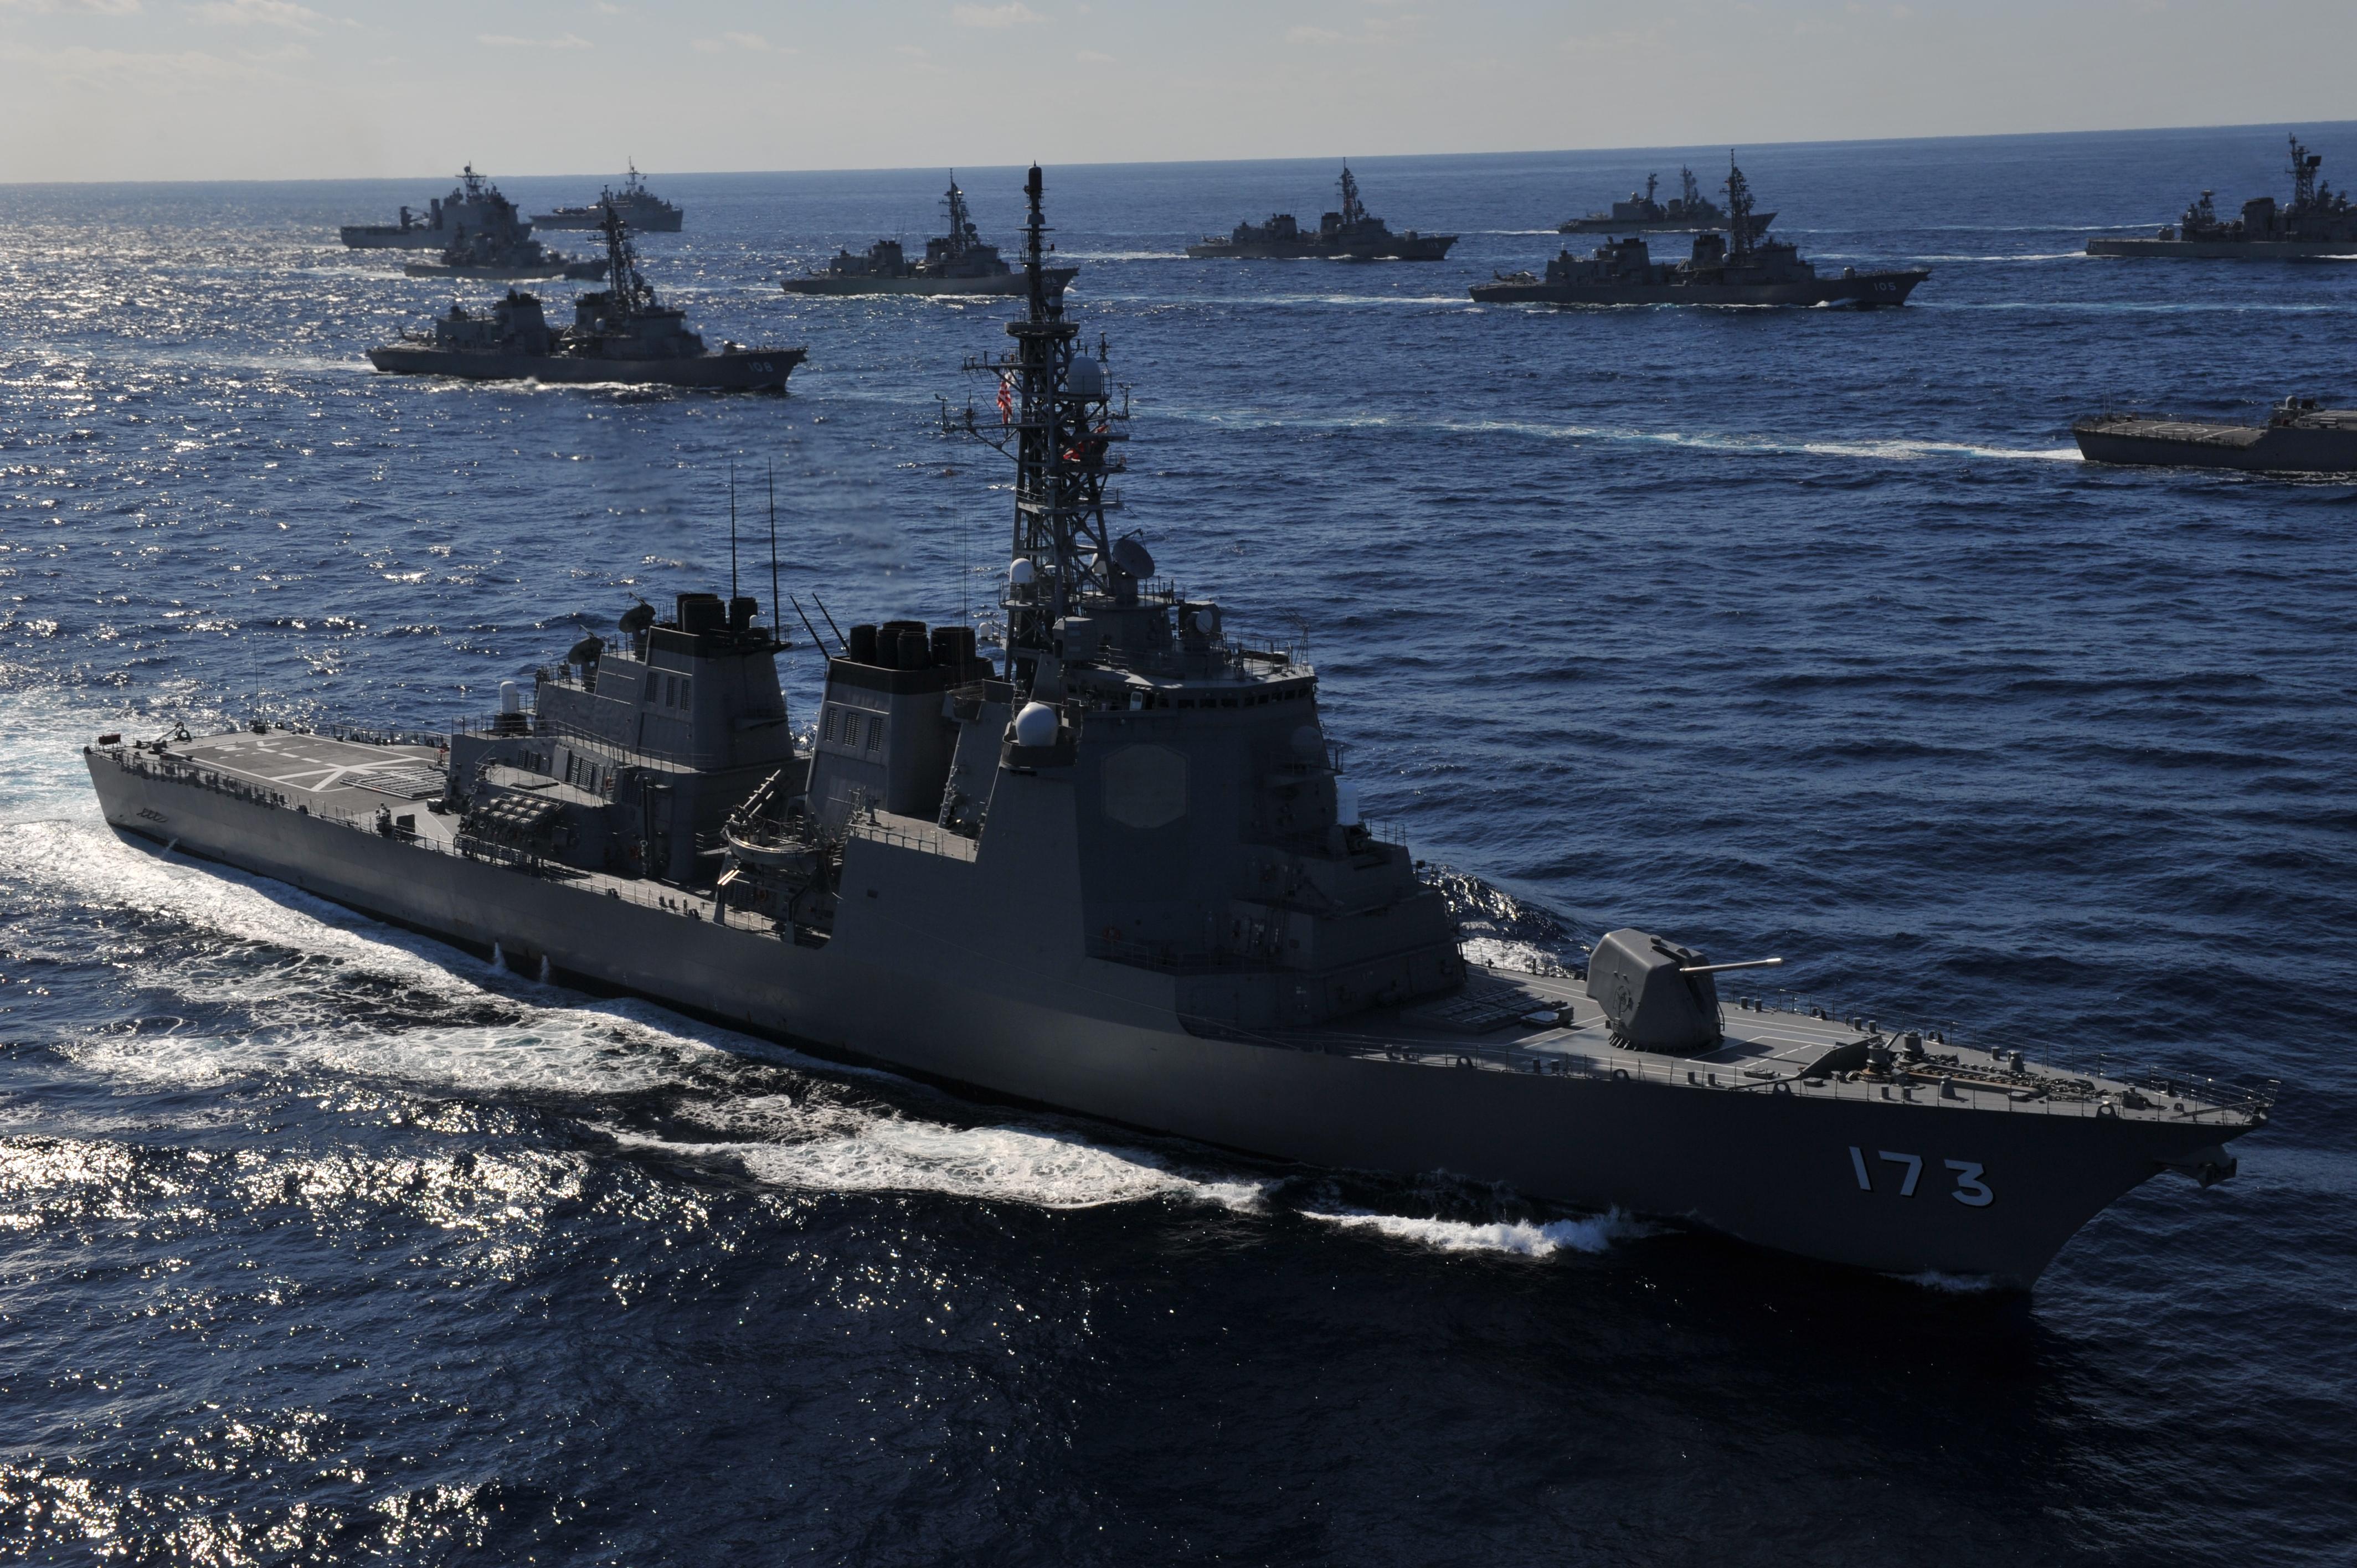 護衛艦「こんごう」型|水上艦艇|装備品|海上自衛隊 〔JMSDF〕 オフィシャルサイト